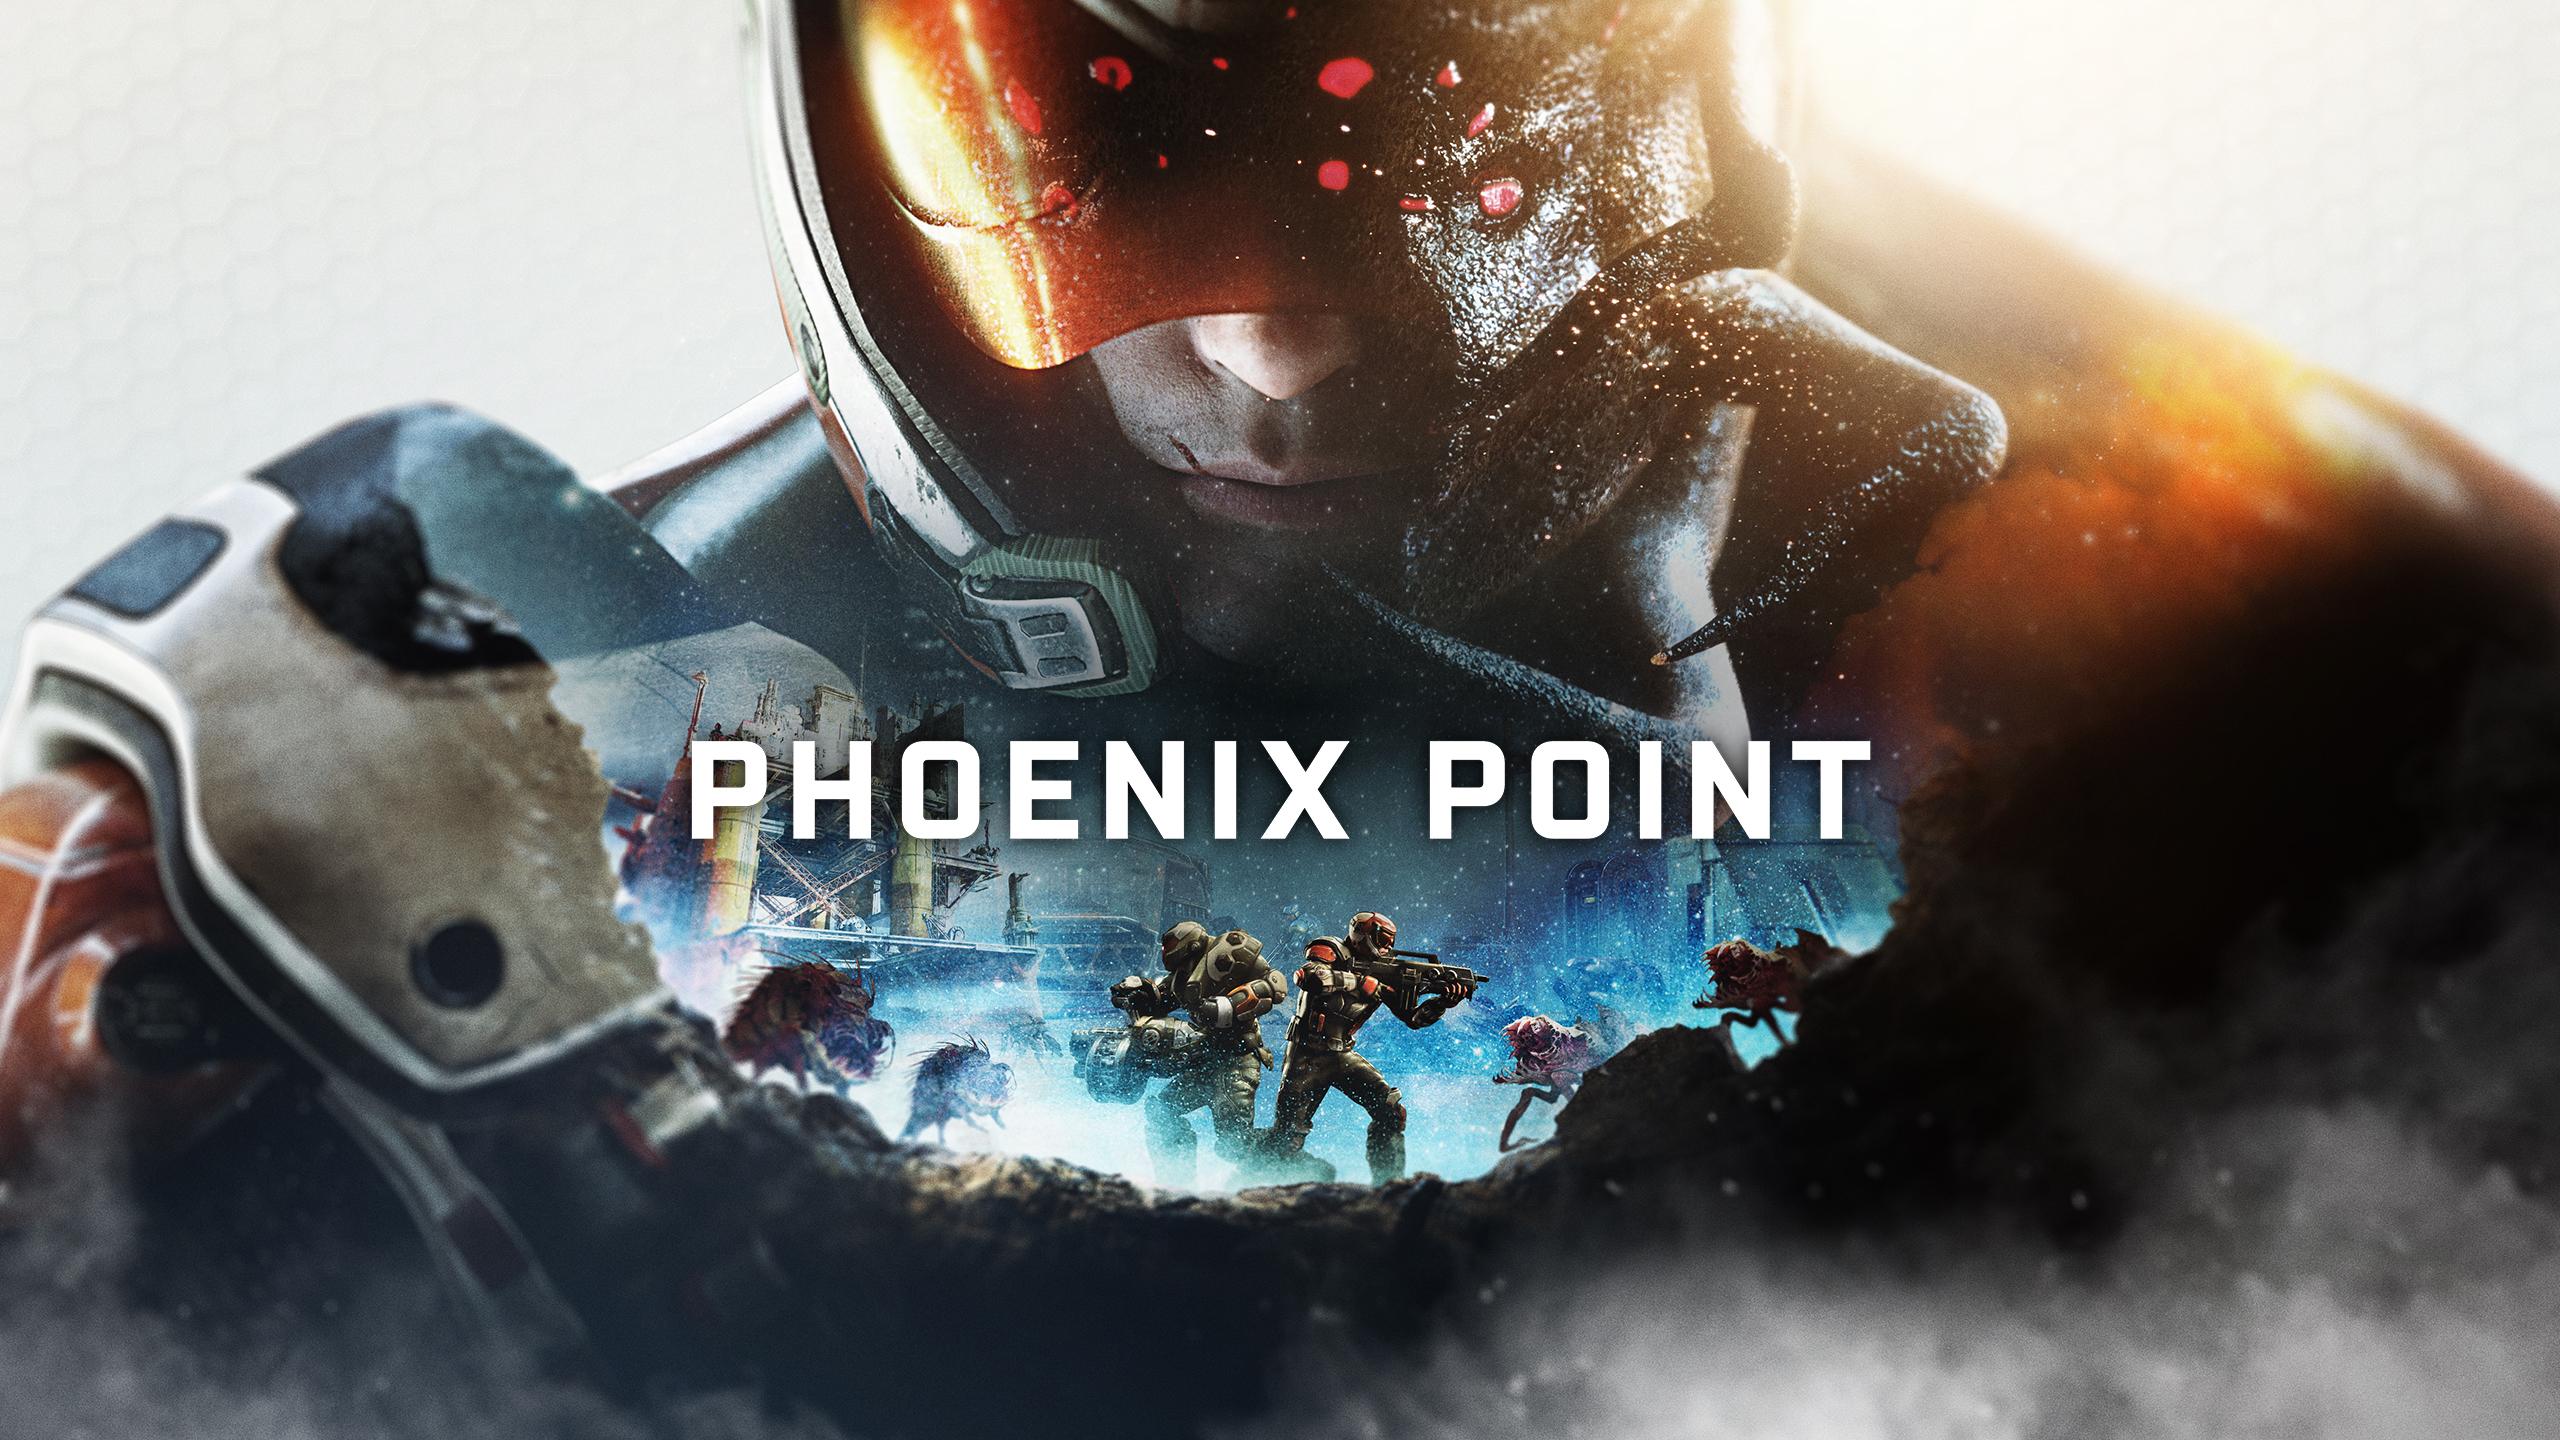 """De los creadores de X-COM, llega este nuevo juego de estrategia. Enfréntate a la invasión alienígena en """"Phoenix Point"""". ¡Compra anticipada ya disponible!"""